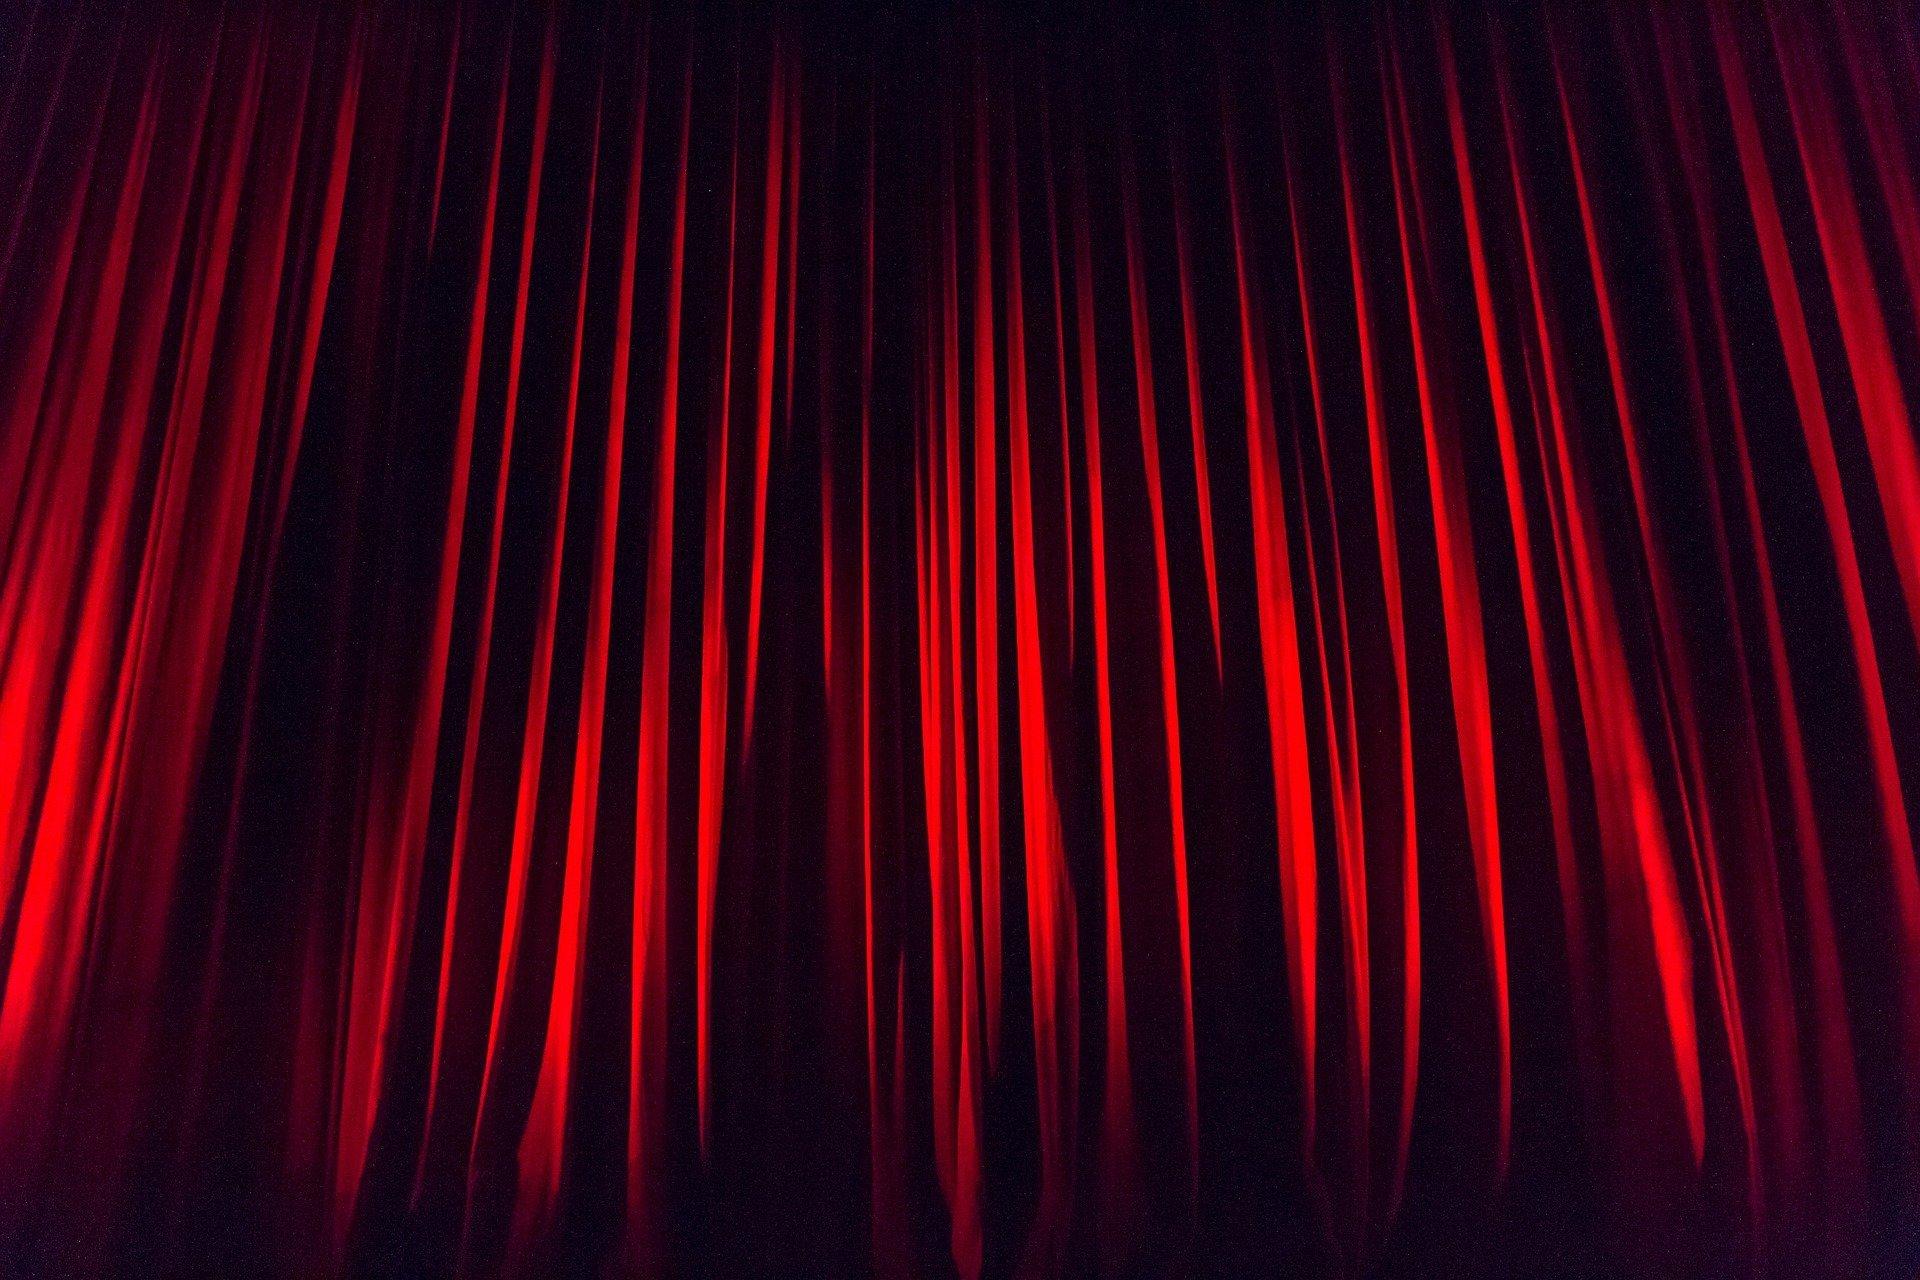 Teatro come mezzo per favorire l'integrazione dei rifugiati : il SEMINARIO di REACT